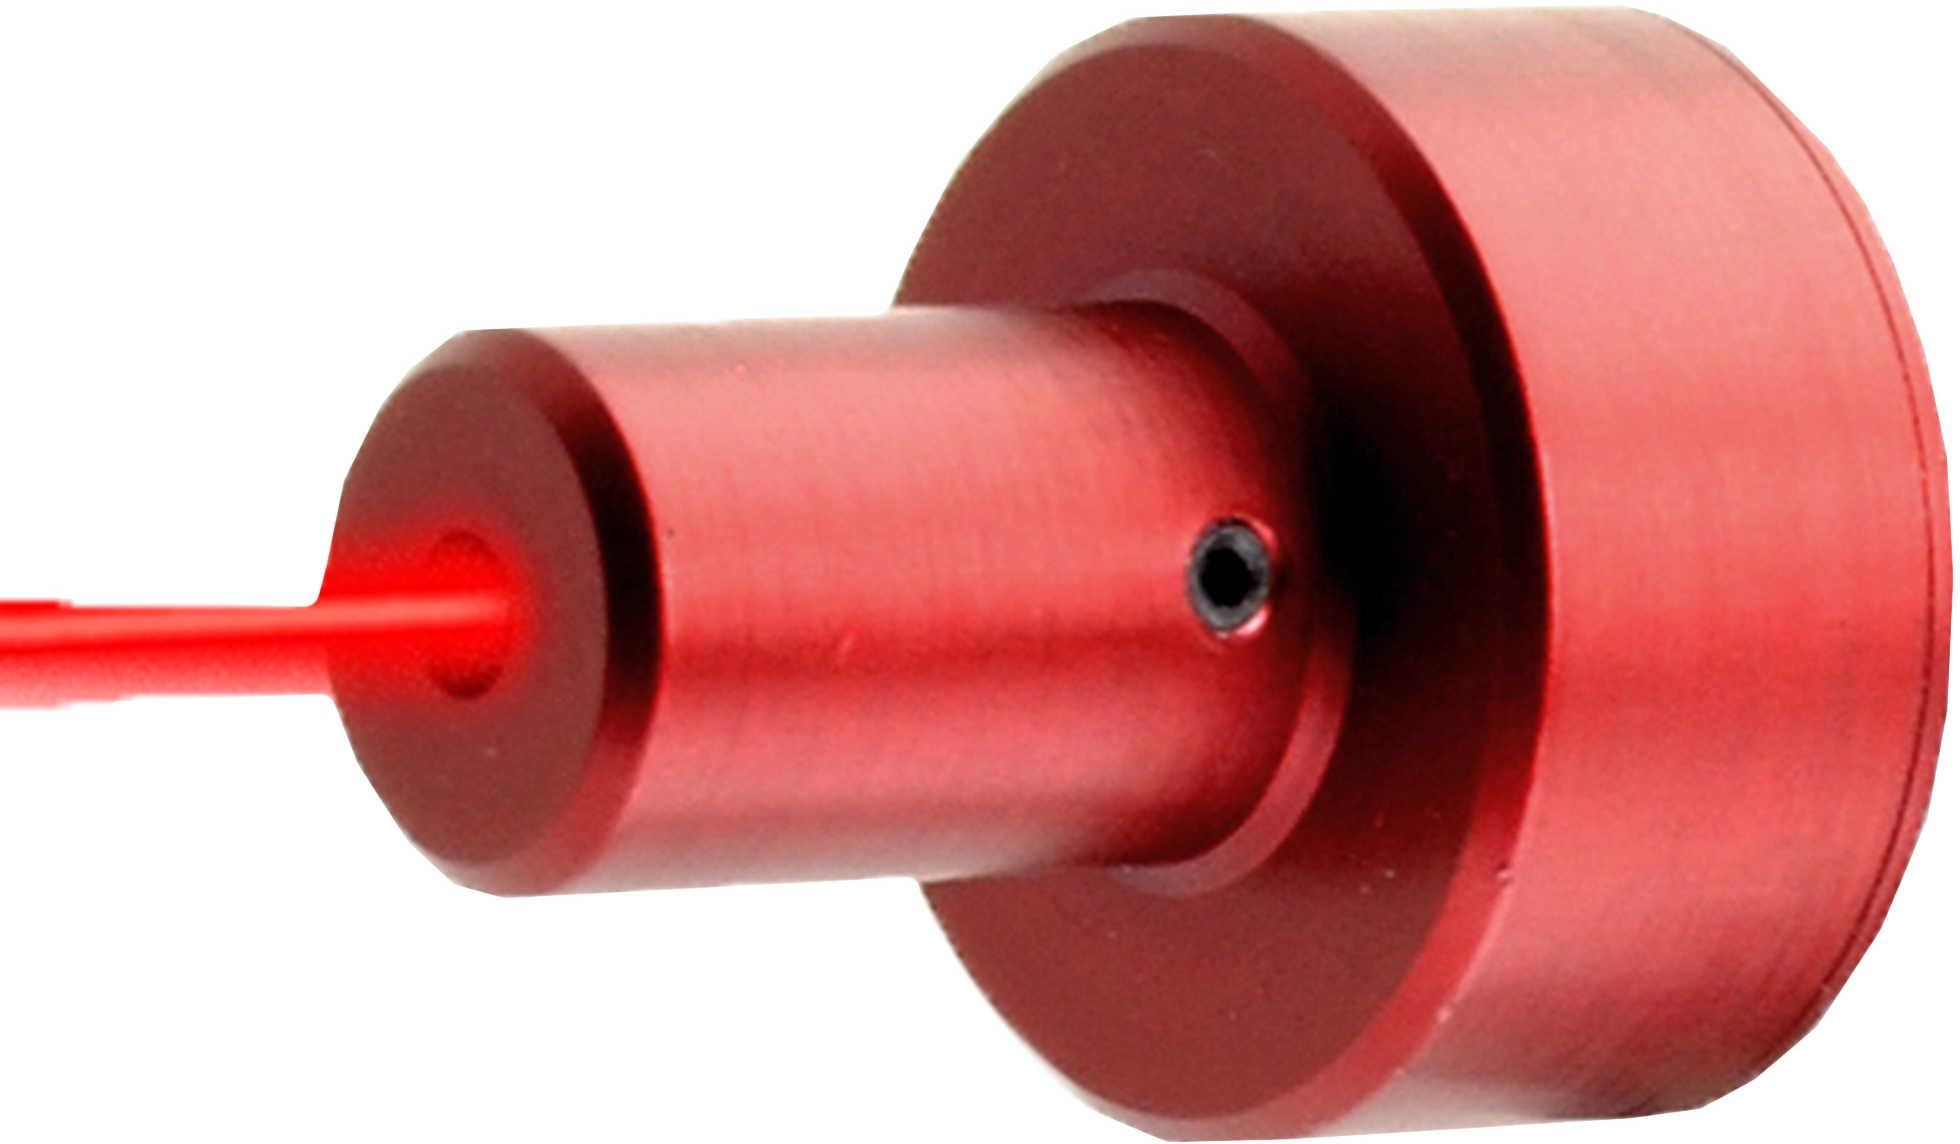 LaserLyte Laser Trainer .22 Caliber Md: LT-LR